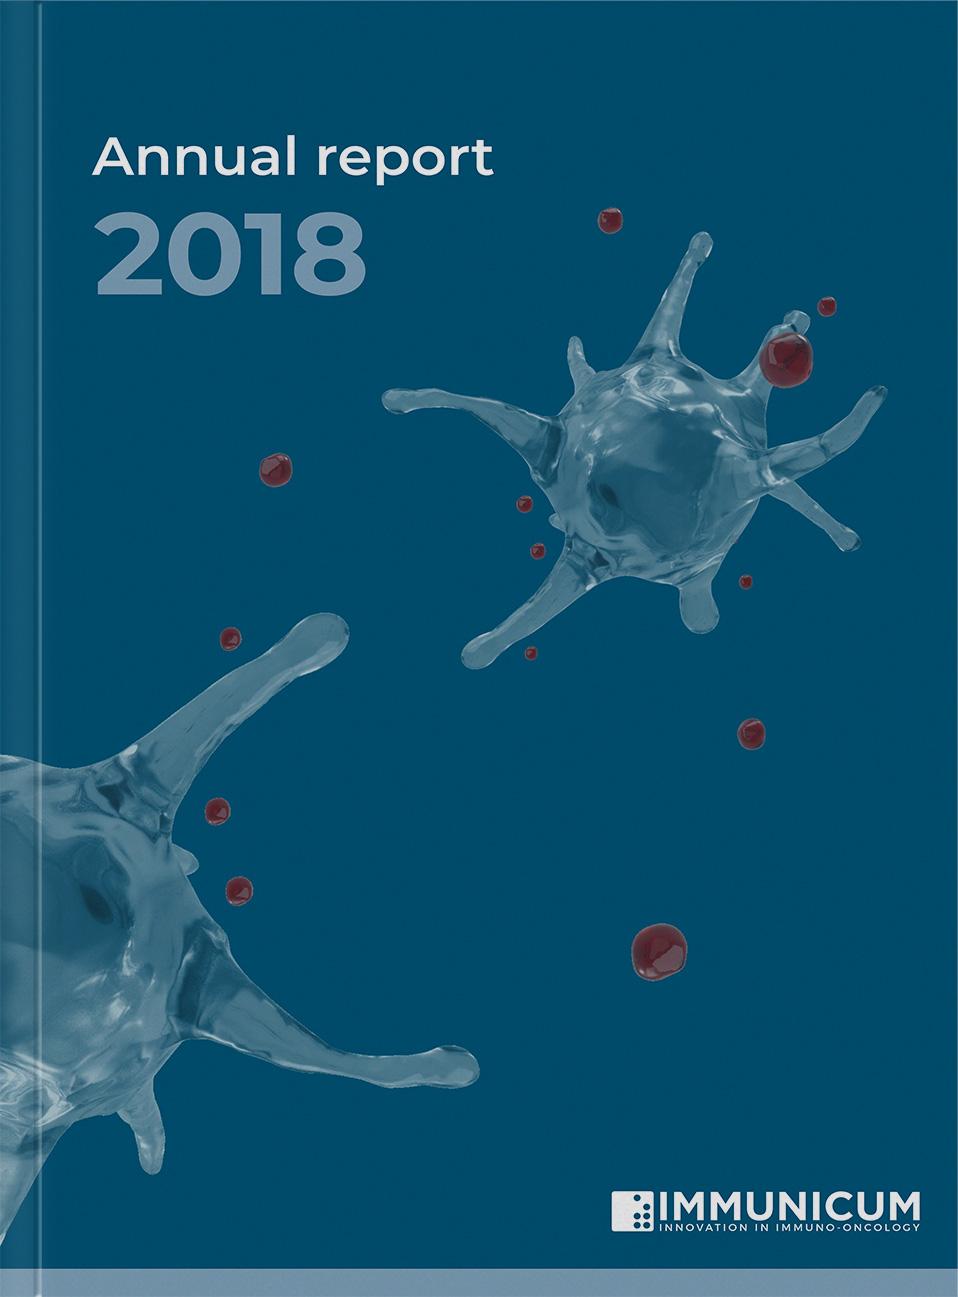 Immunicum annual report 2017